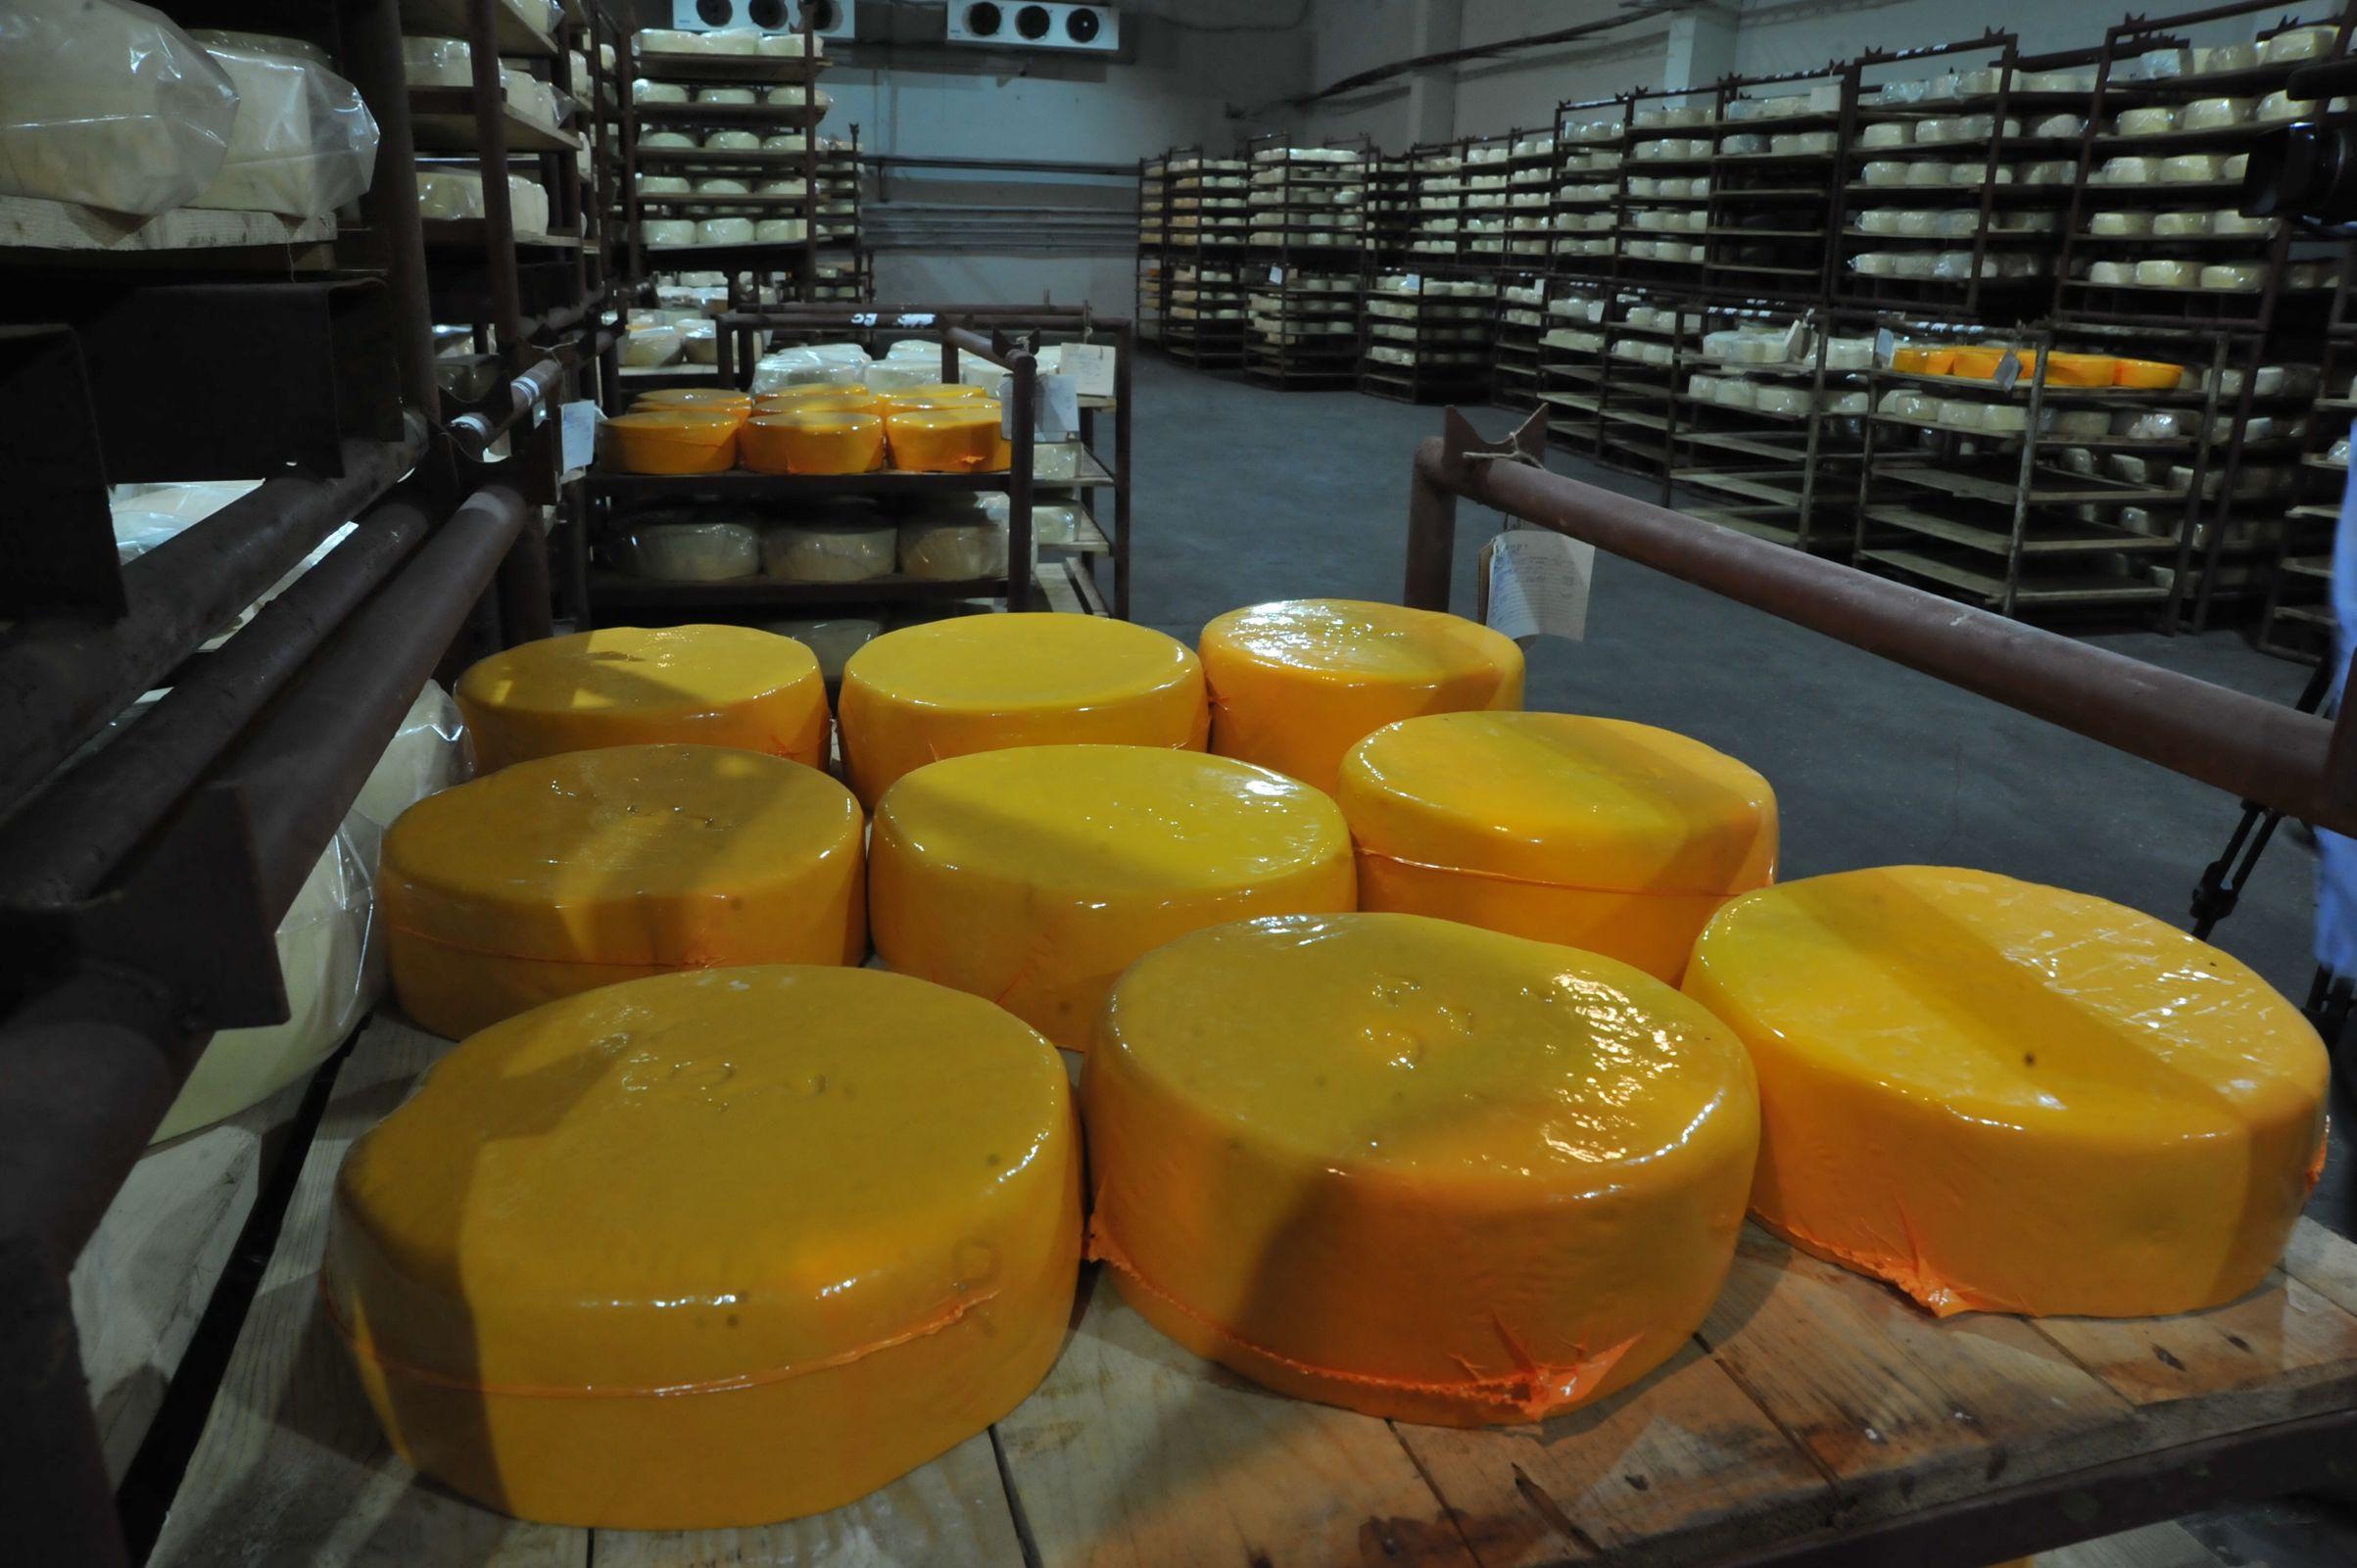 Магазин в центре Ярославля уличили в торговле санкционным просроченным сыром